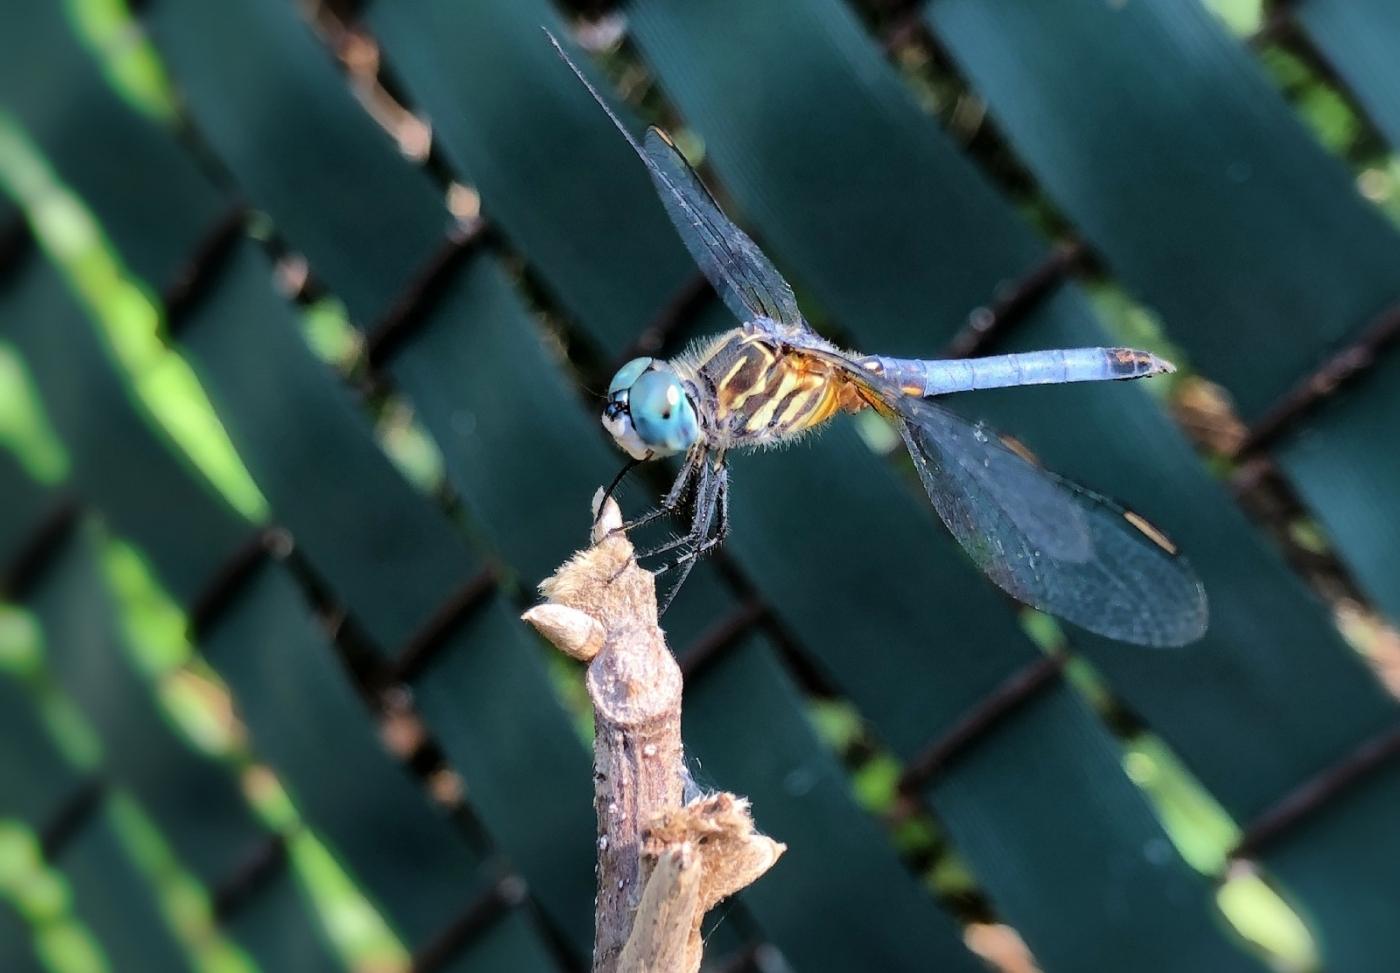 【田螺摄影】院子里的蜻蜓_图1-13